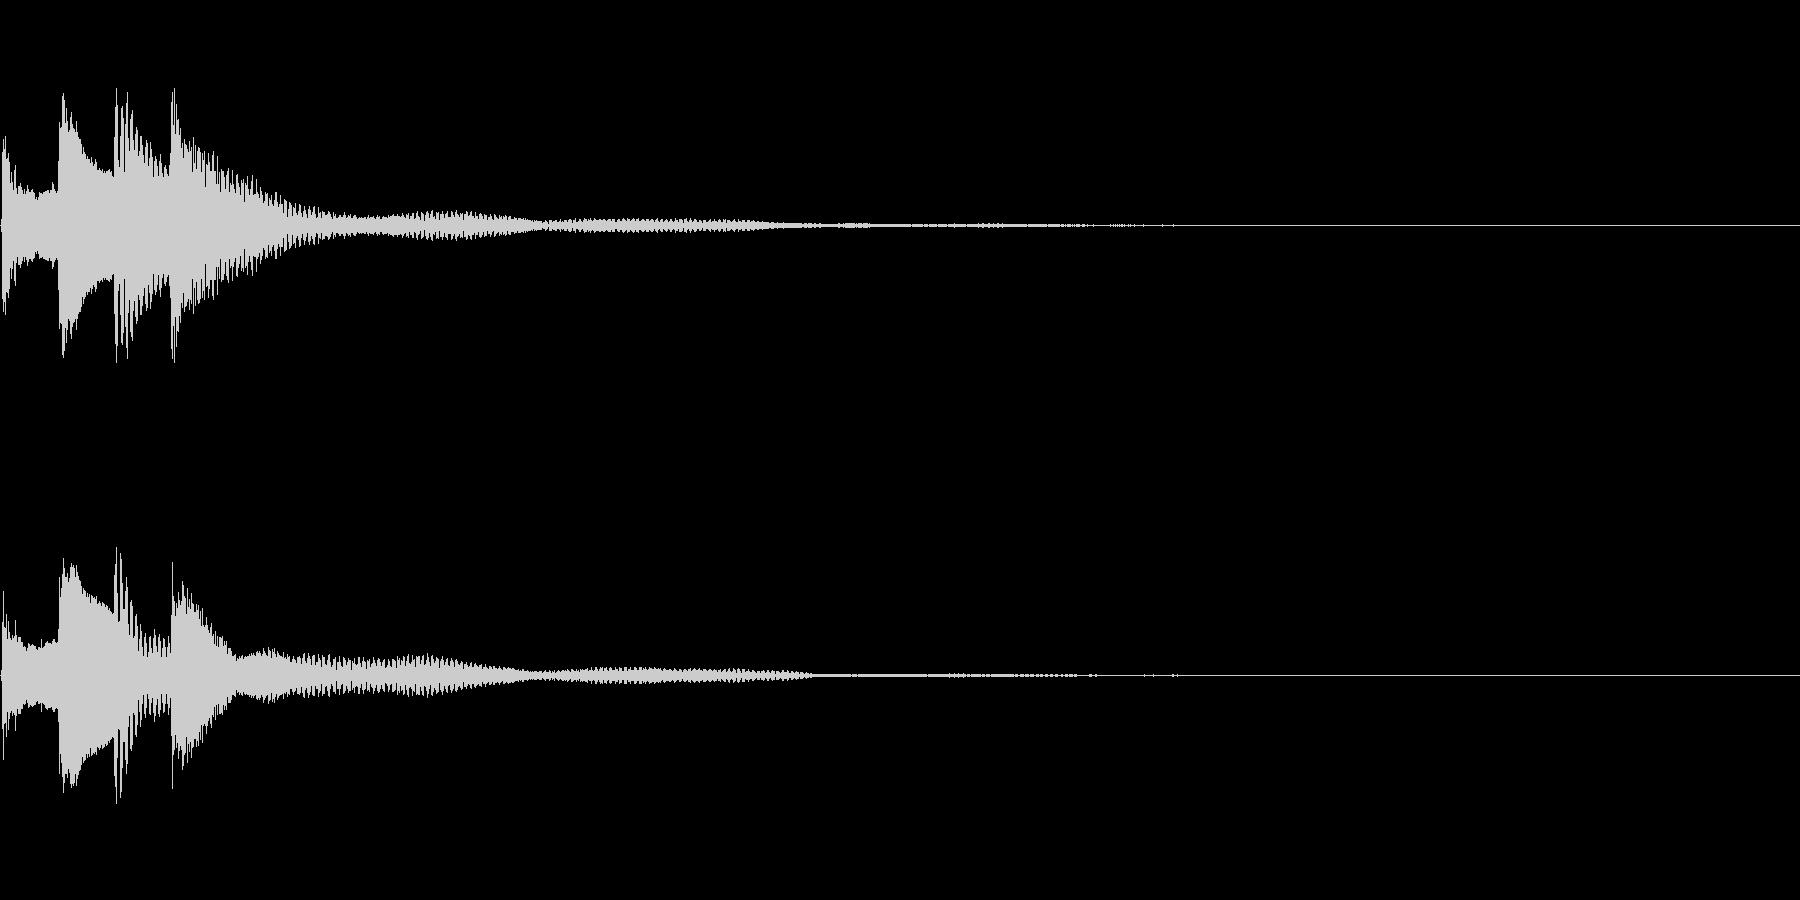 サウンドロゴ27_ピアノAHの未再生の波形